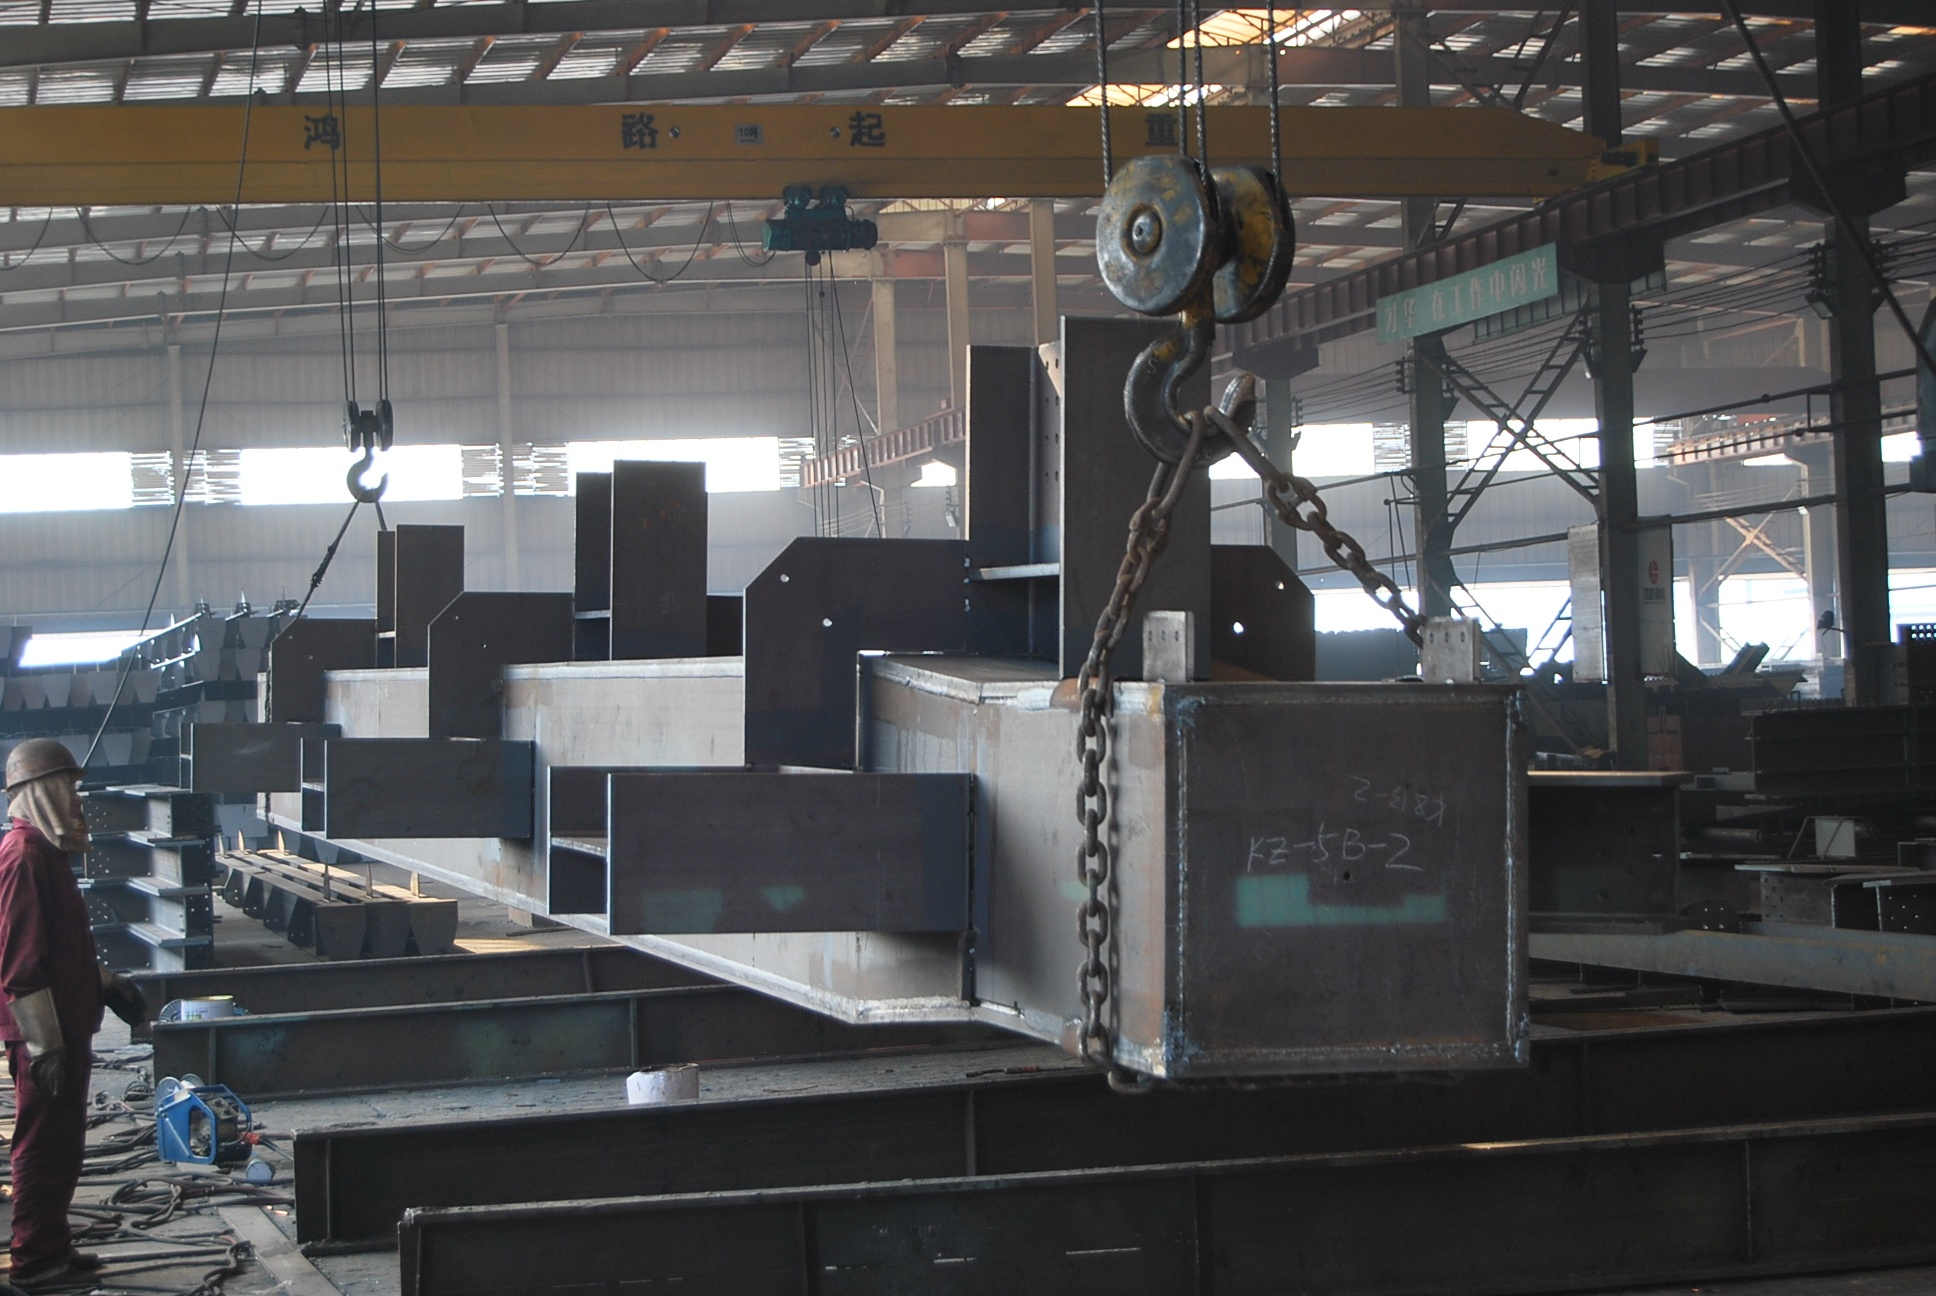 装配式建筑及智能停车设备研发制造基地,面积达200多万平方米,形成钢